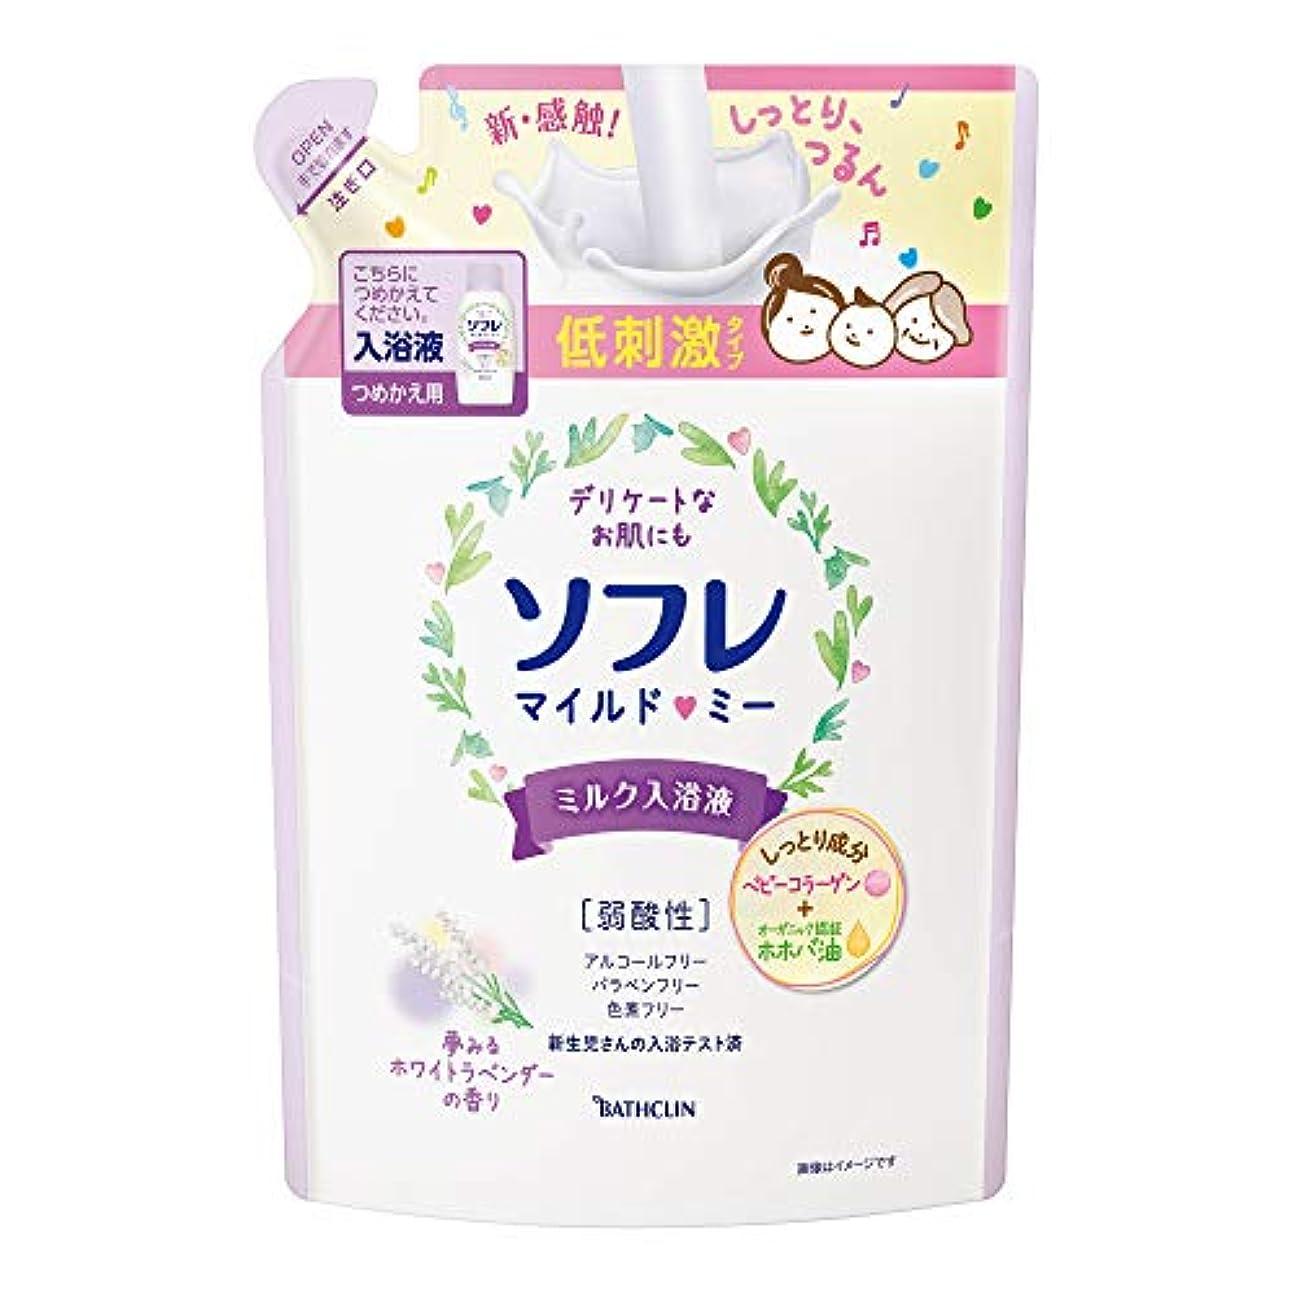 かりて解明スタイルバスクリン ソフレ入浴液 マイルド?ミー ミルク 夢みるホワイトラベンダーの香り つめかえ用 600mL保湿 成分配合 赤ちゃんと一緒に使えます。